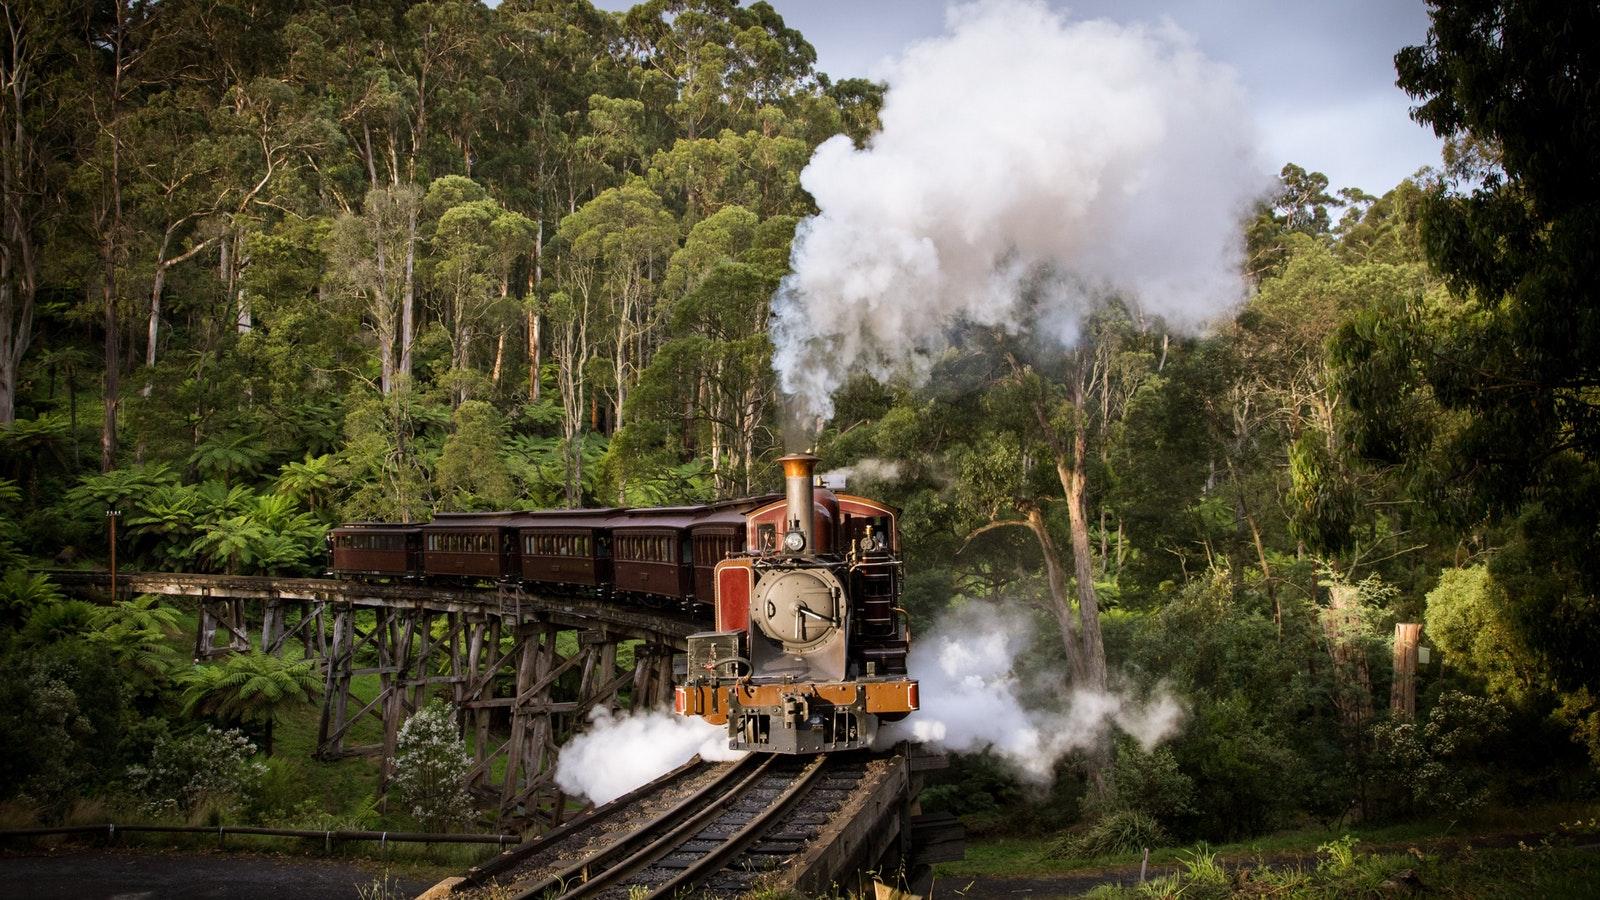 墨爾本玩趣蒸汽小火車+動物星球+薩沙弗拉斯小鎮+考拉動物園+企鵝歸巢一日游(菲利普島企鵝島中文包車司導)